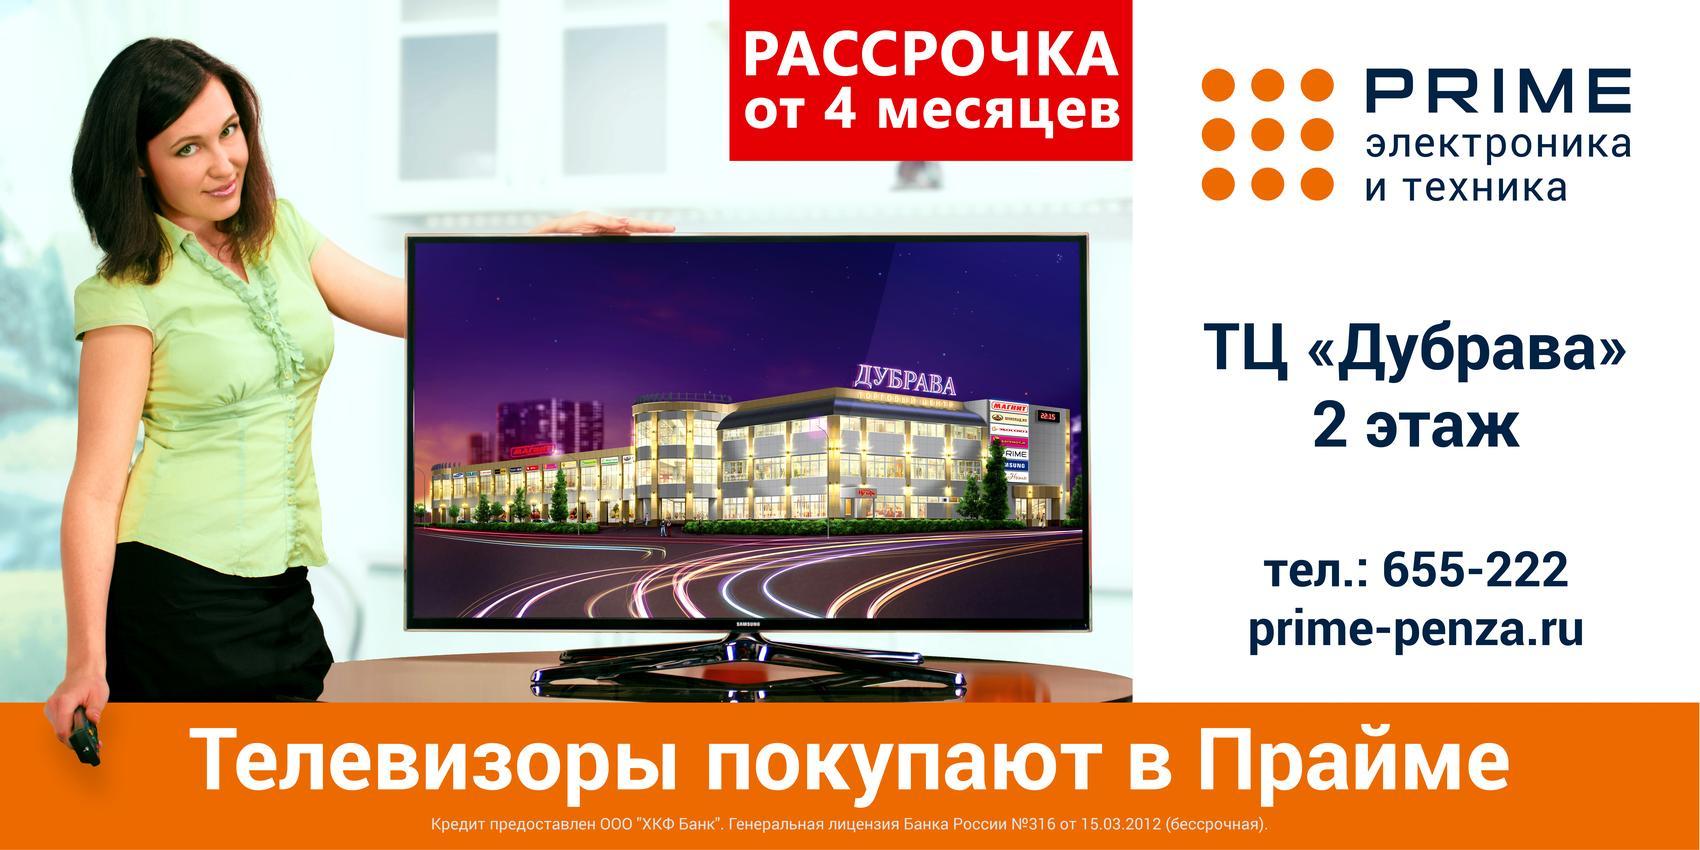 Билборд магазина бытовой техники и электроники «Прайм»